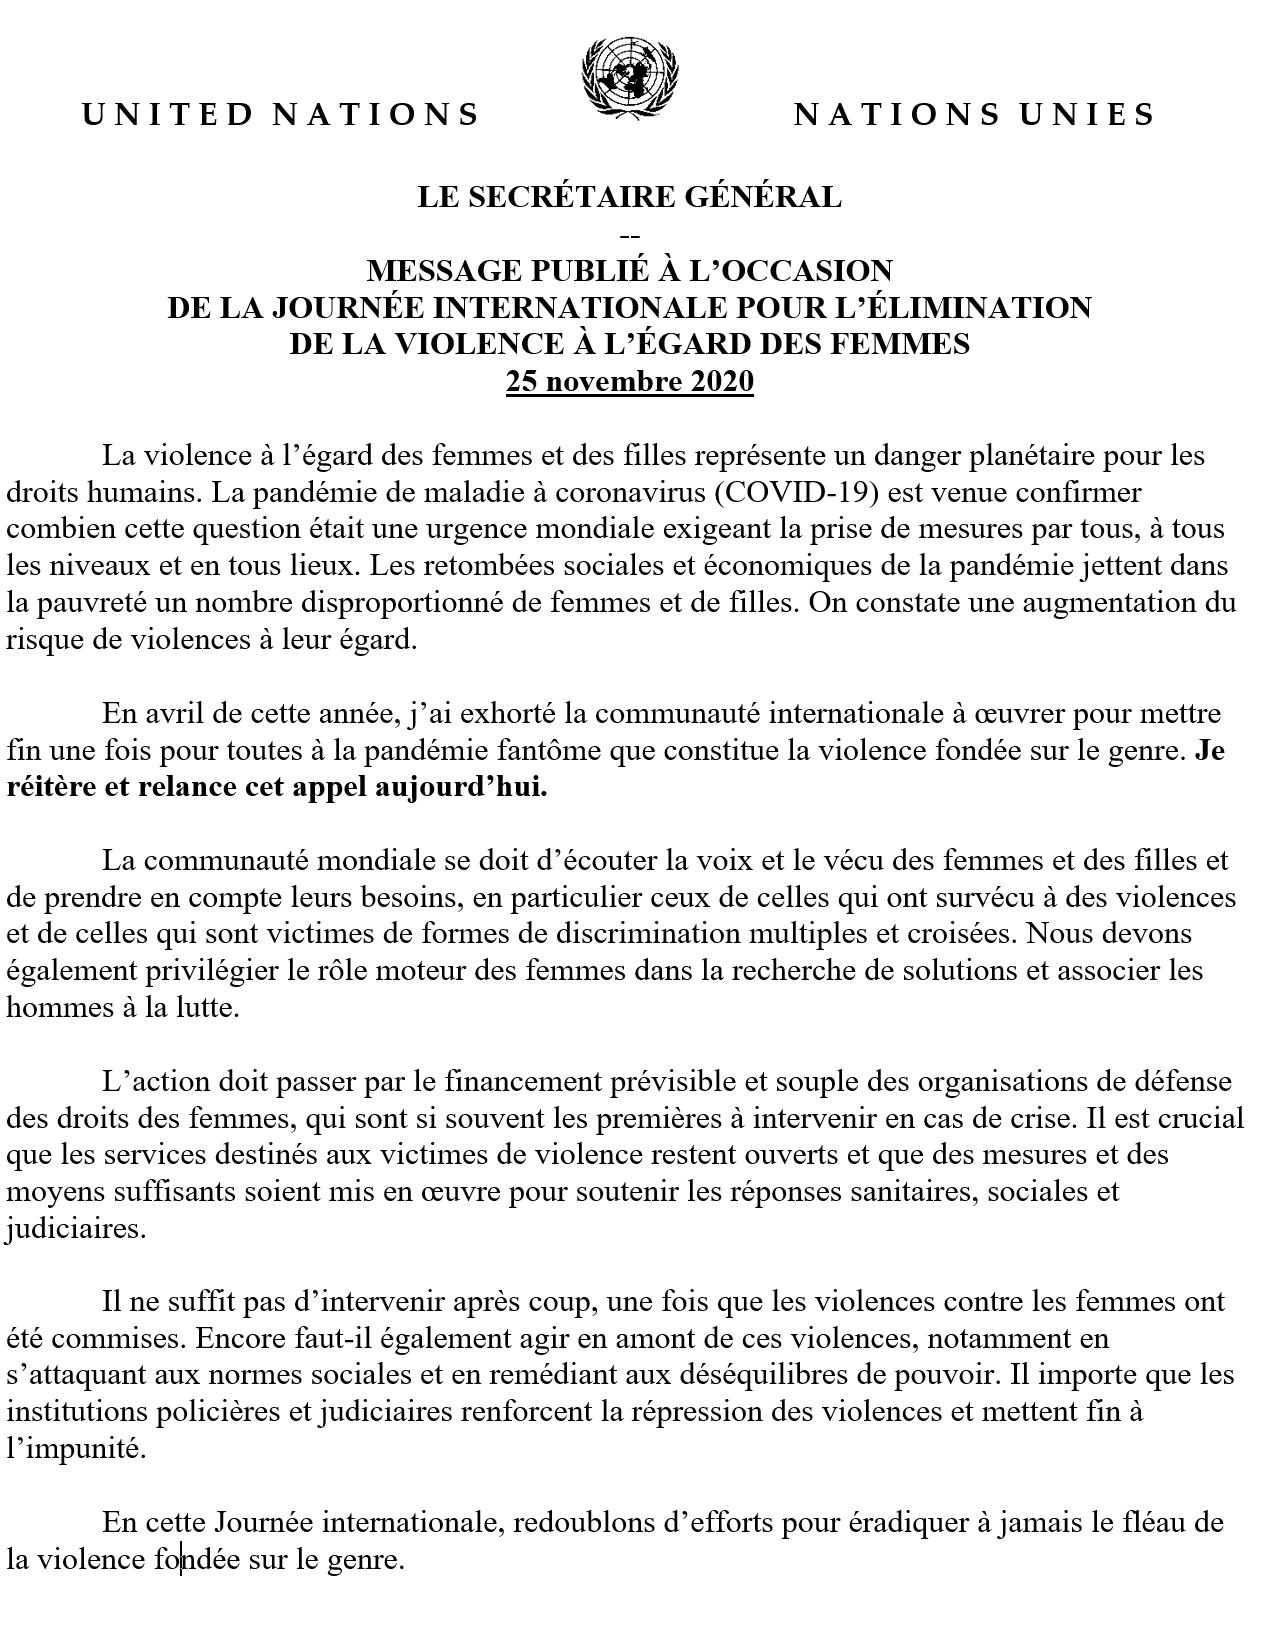 MESSAGE PUBLIÉ À L'OCCASION  DE LA JOURNÉE INTERNATIONALE POUR L'ÉLIMINATION  DE LA VIOLENCE À L'ÉGARD DES FEMMES